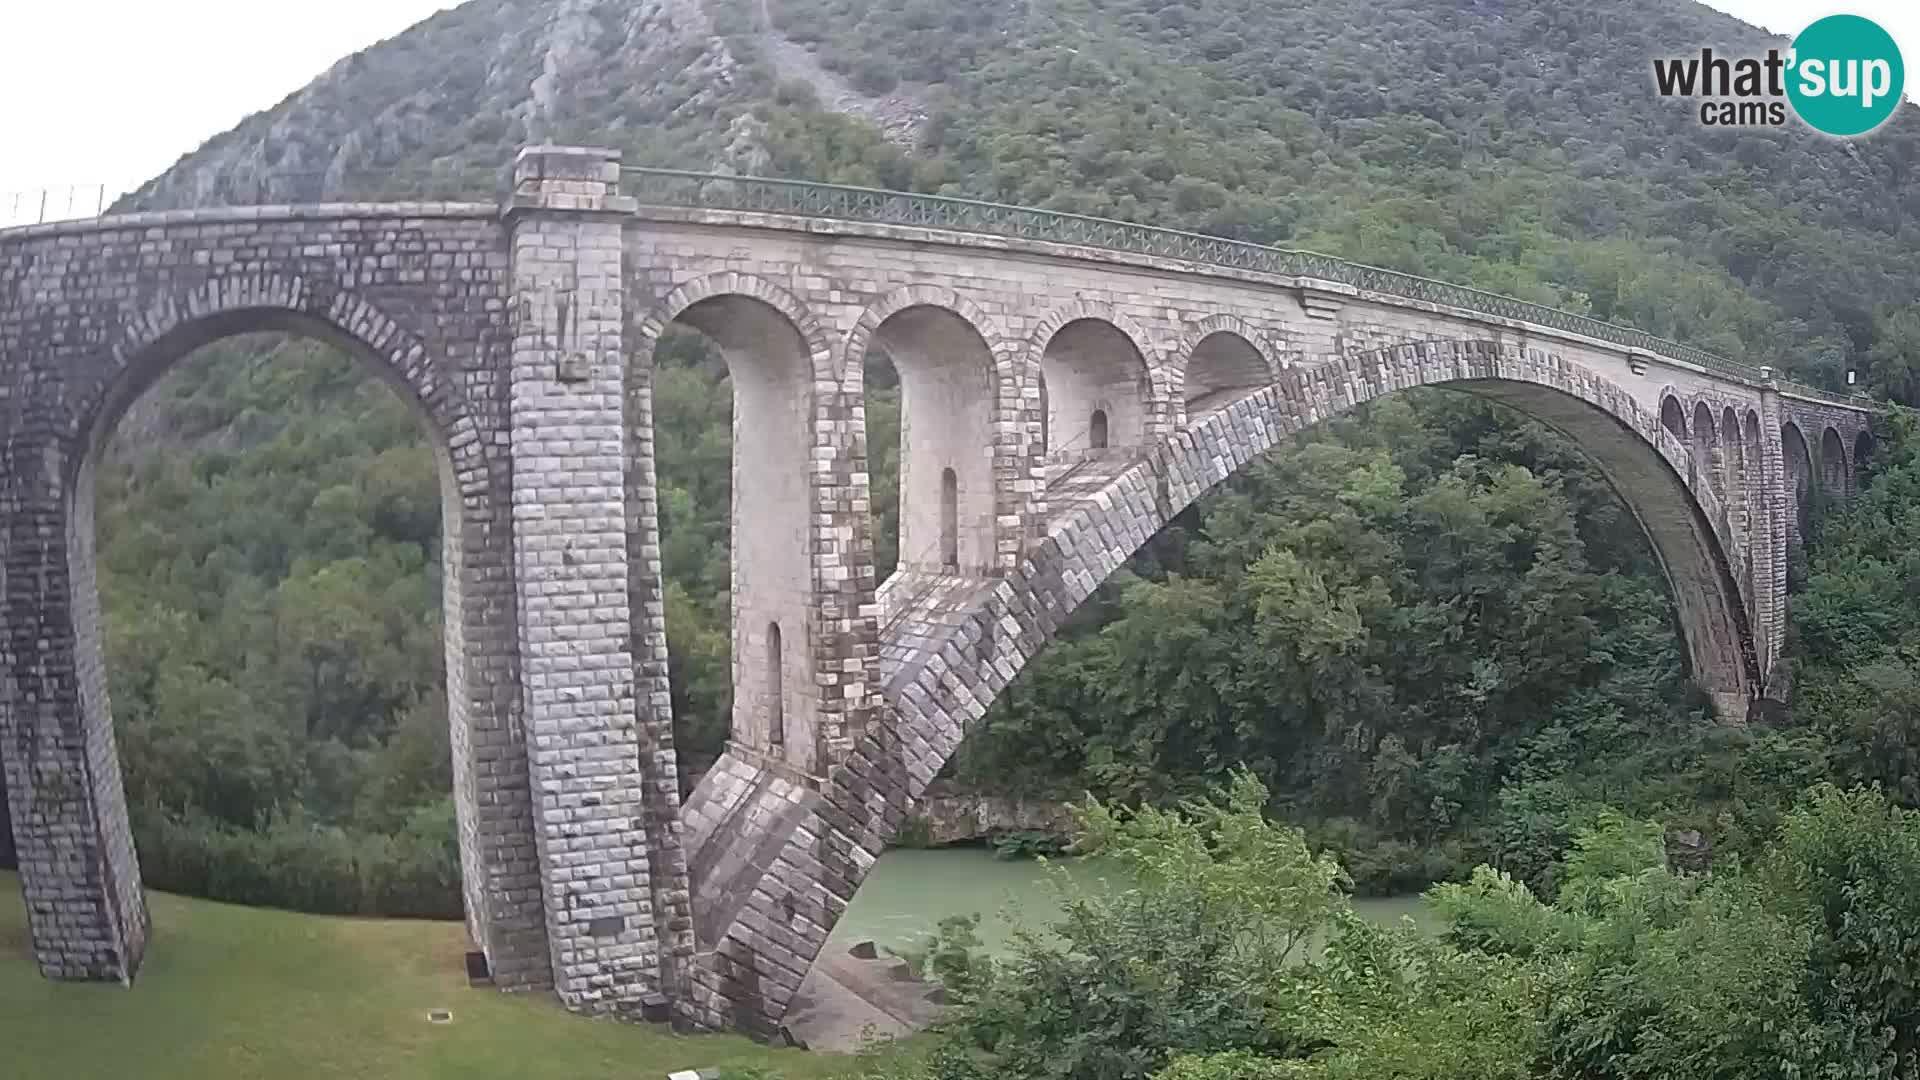 Salcanobrücke – webcam